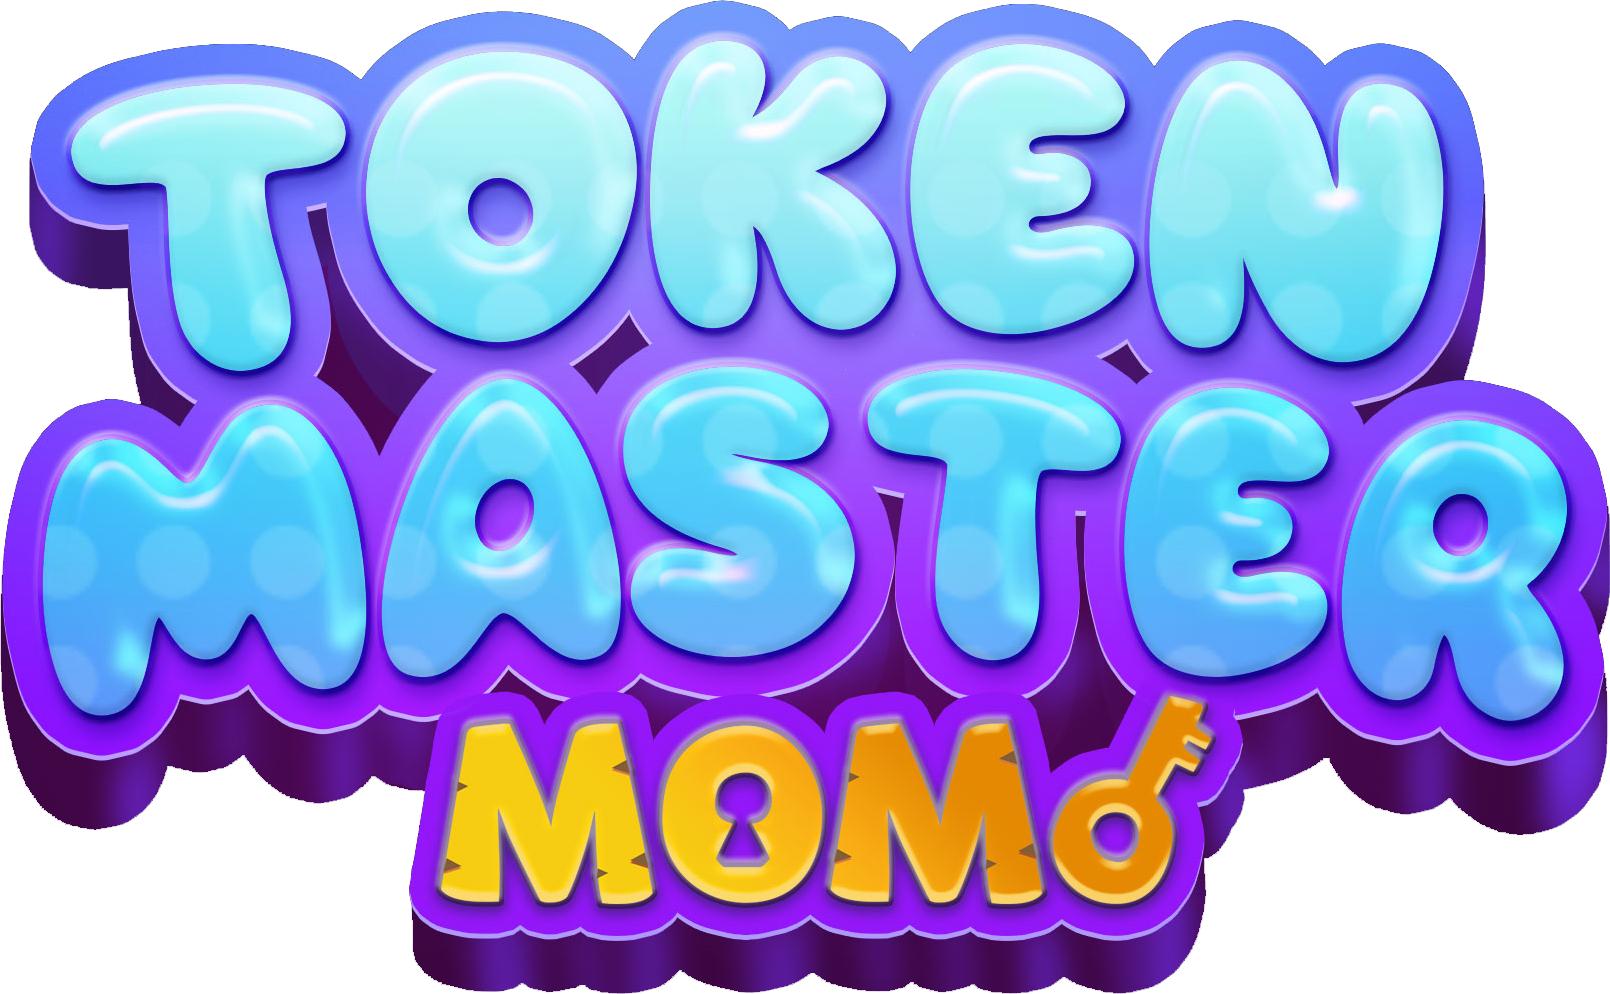 juegos mobox token